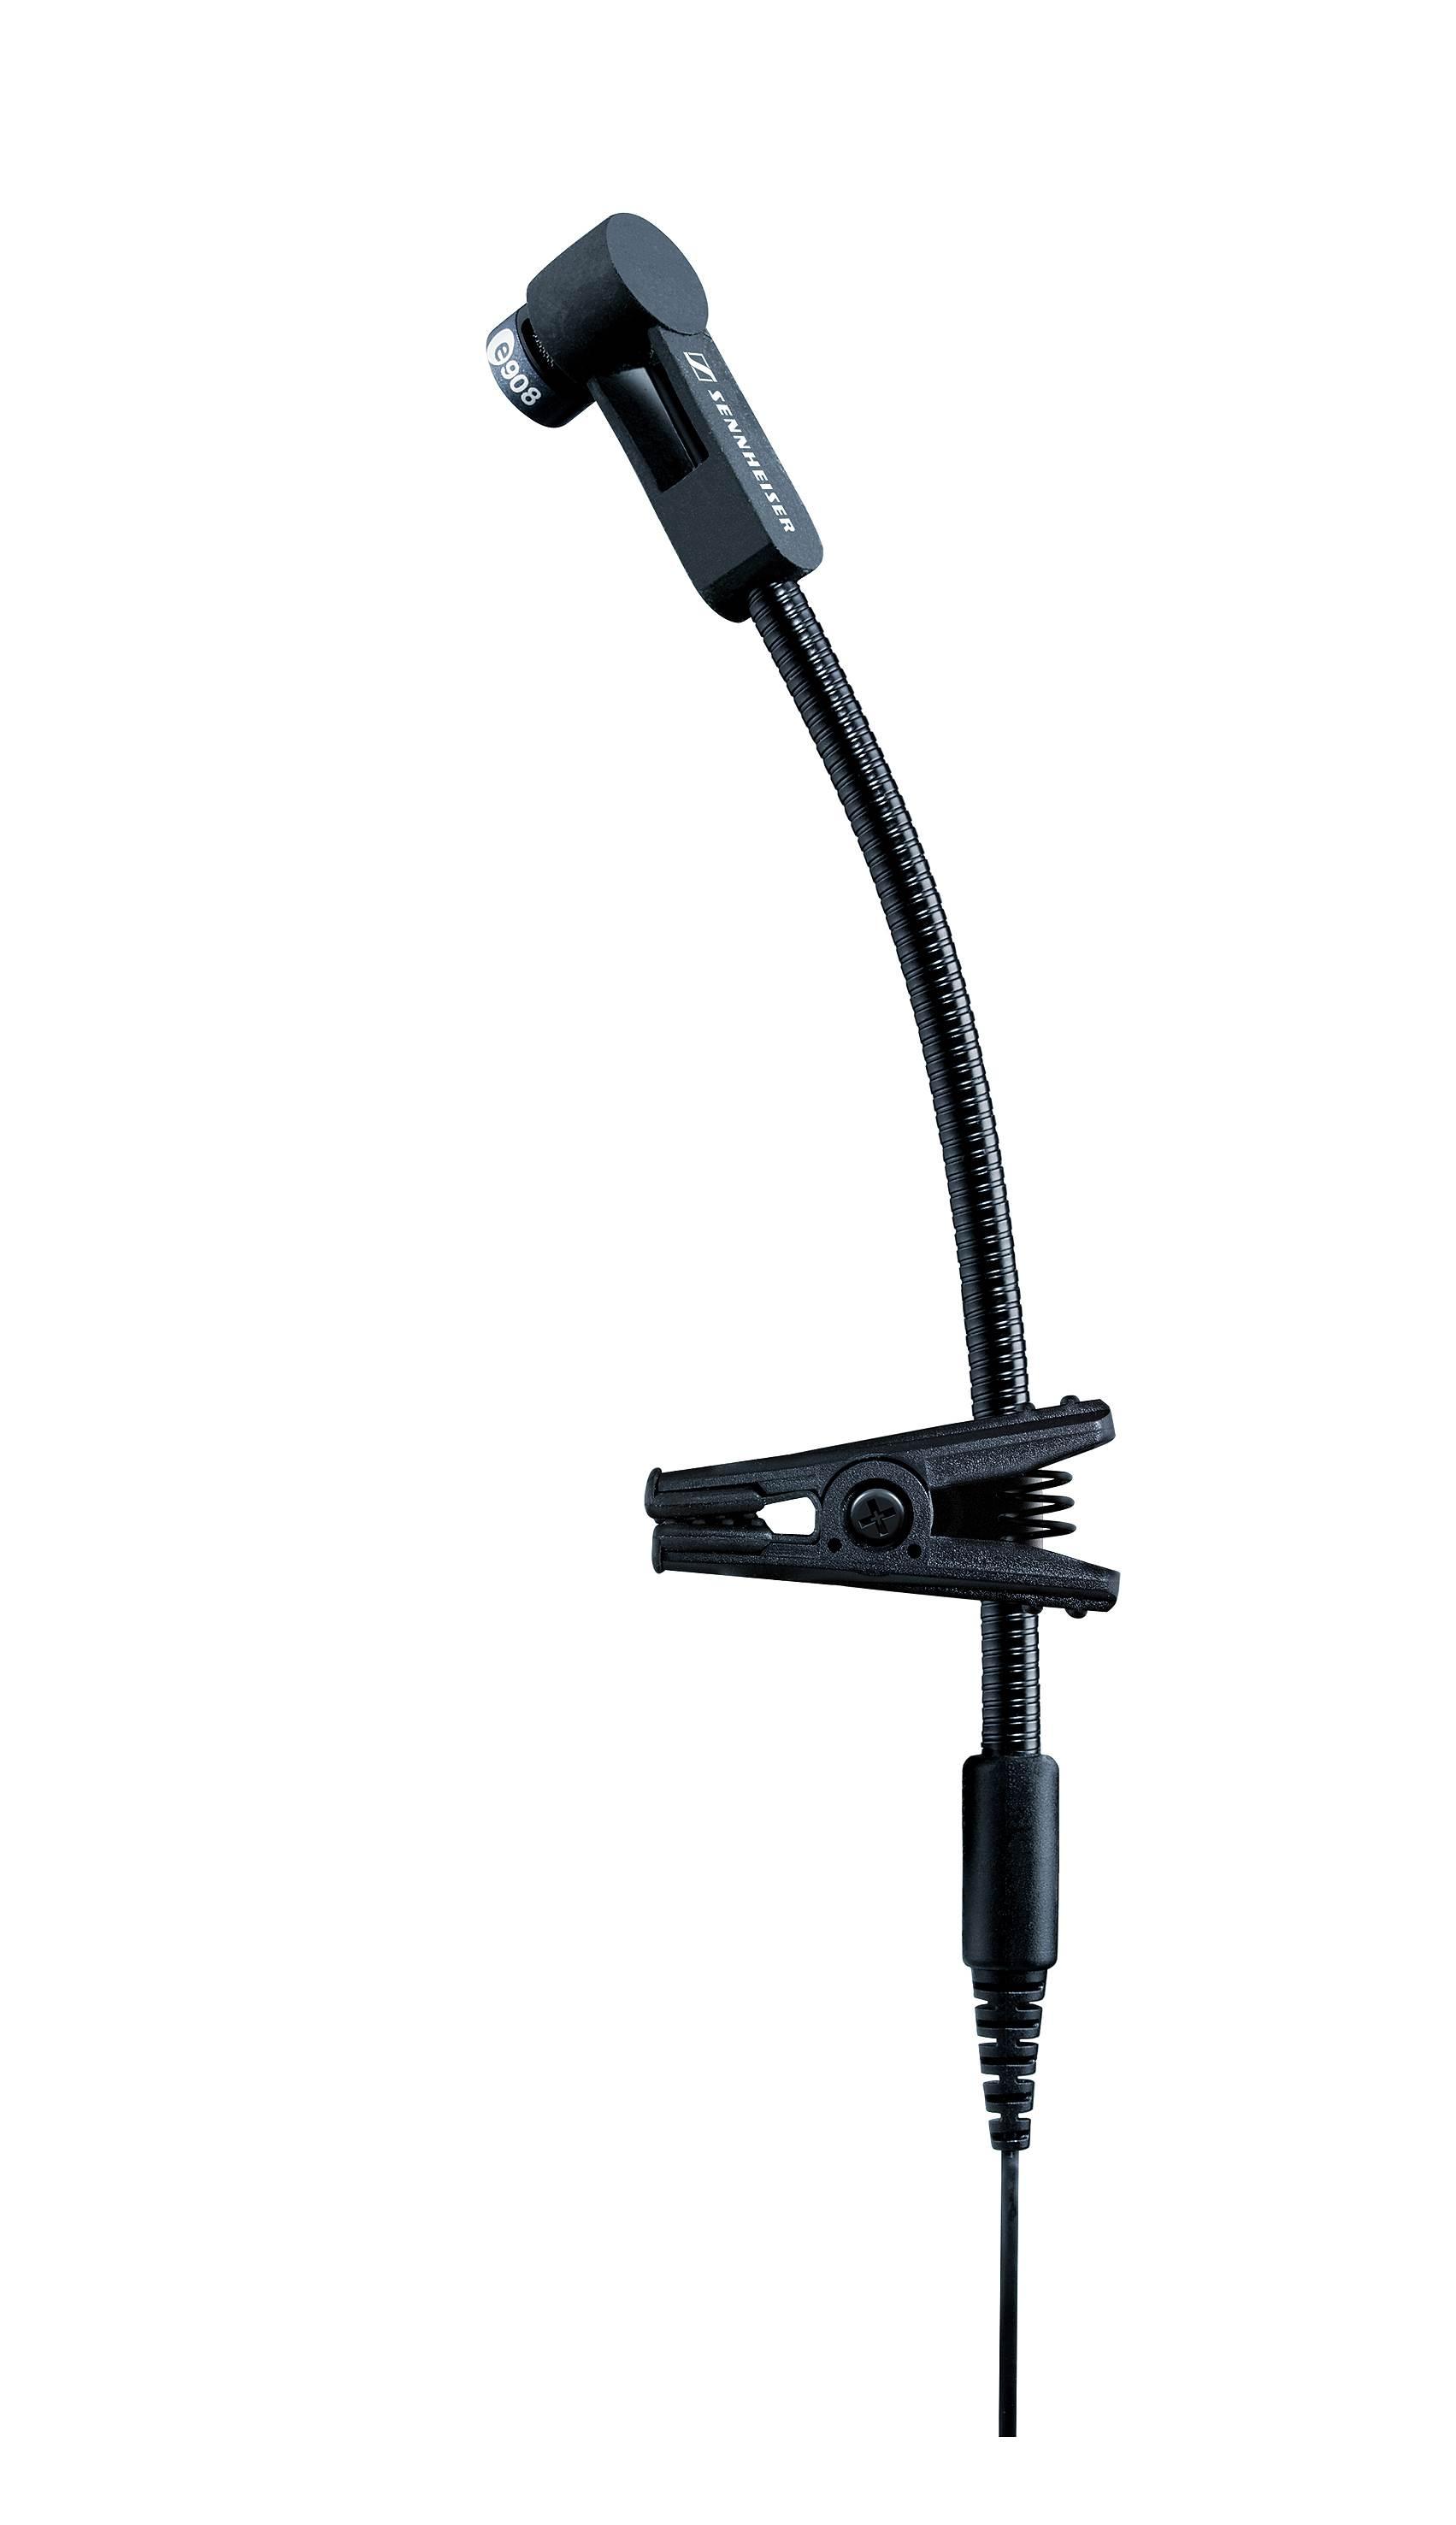 کپسول گردن غازی میکروفن های بیسیم دیجیتال حرفه ای ساخت کمپانی Sennheiser ( سن هایزر ) سری XSW 2